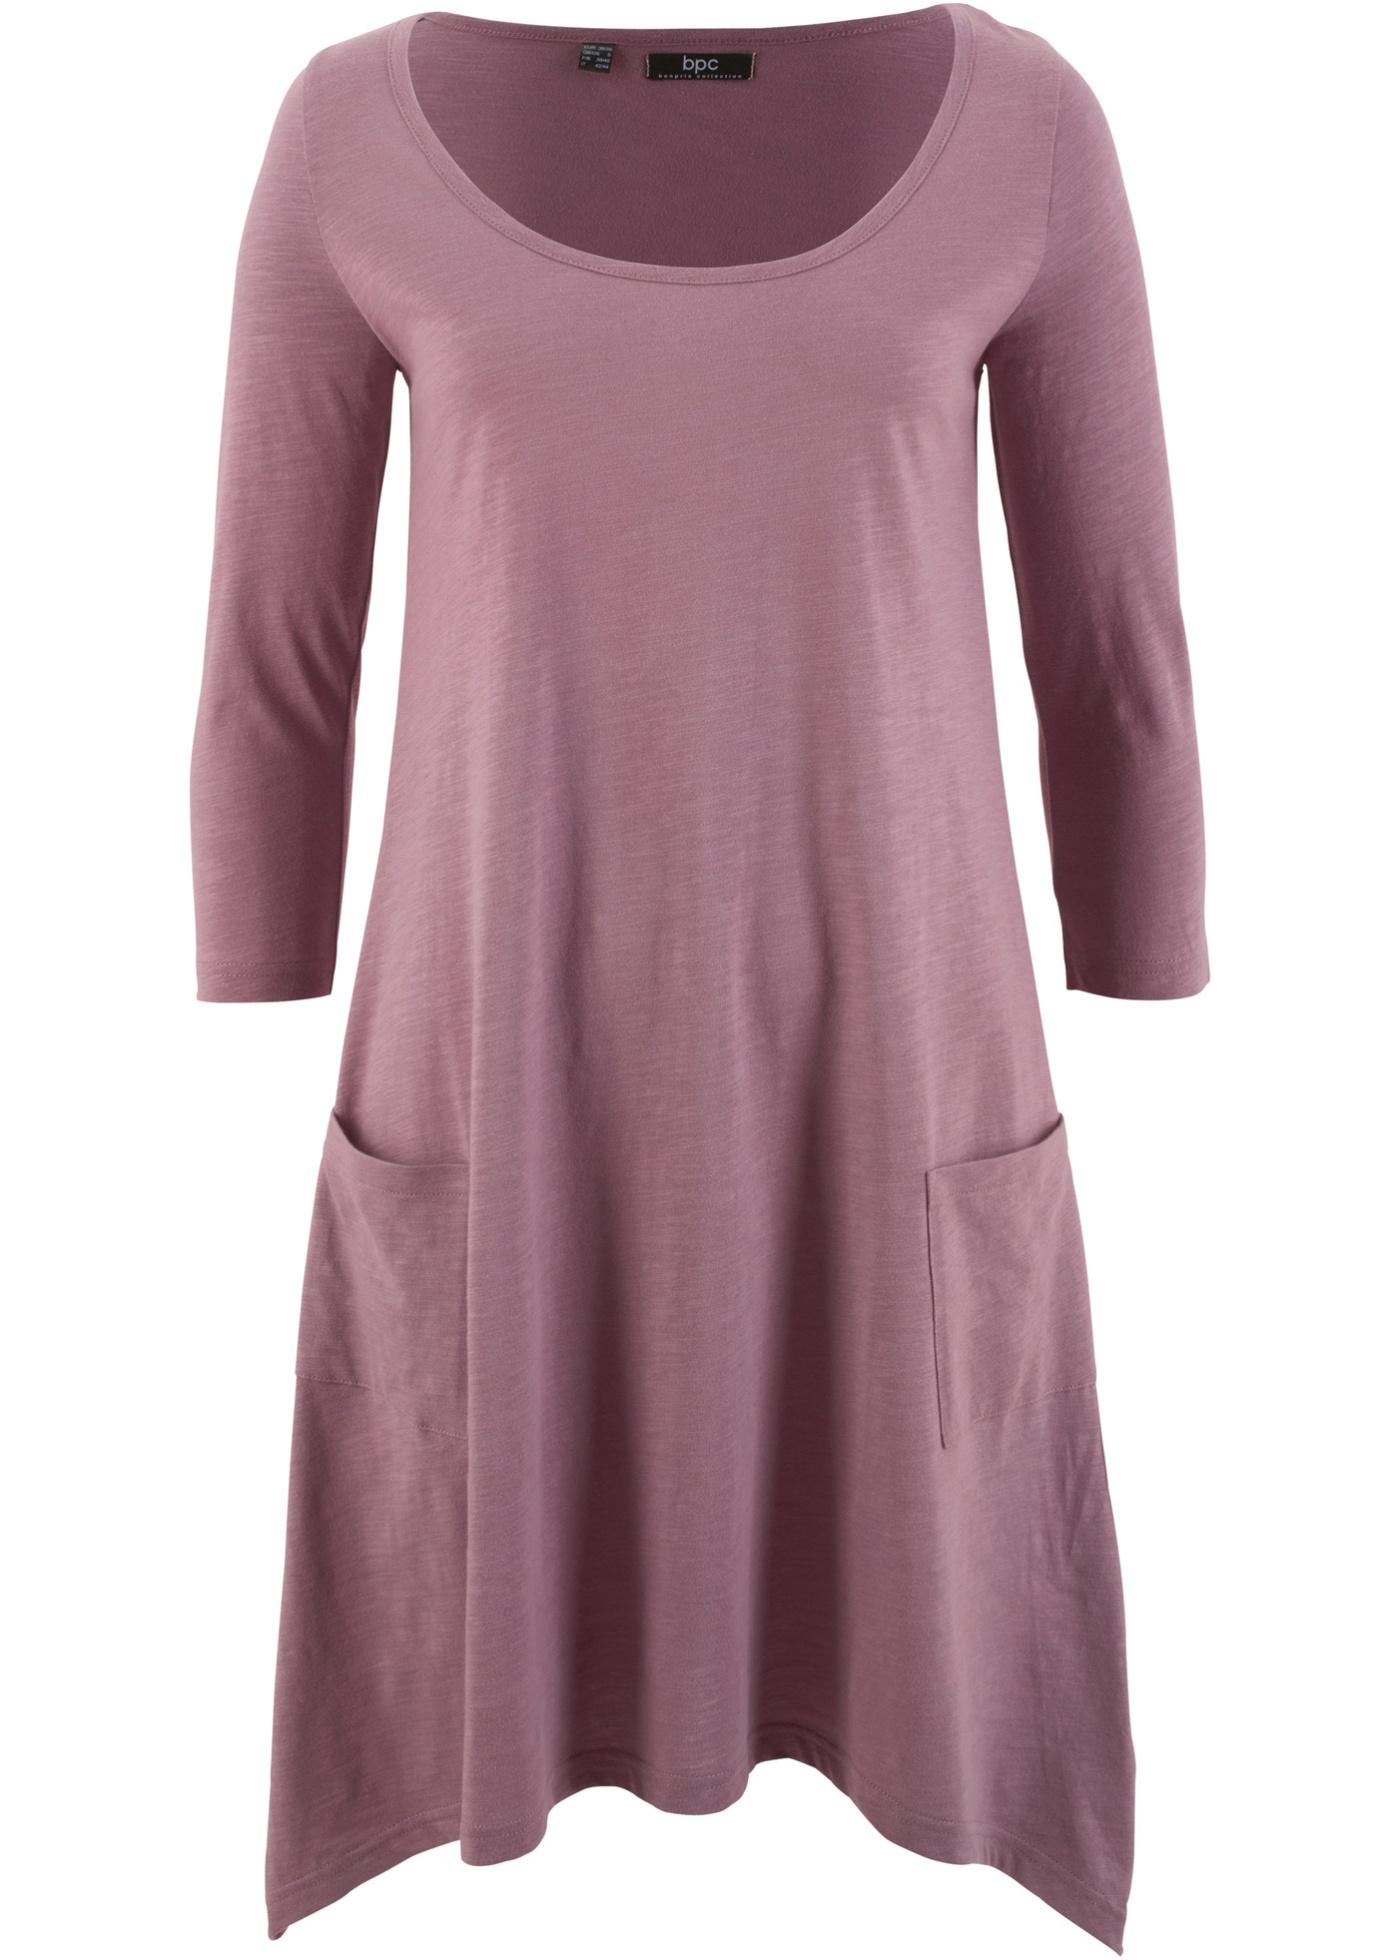 Baumwoll-Flammgarn-Shirtkleid, 3/4-Arm